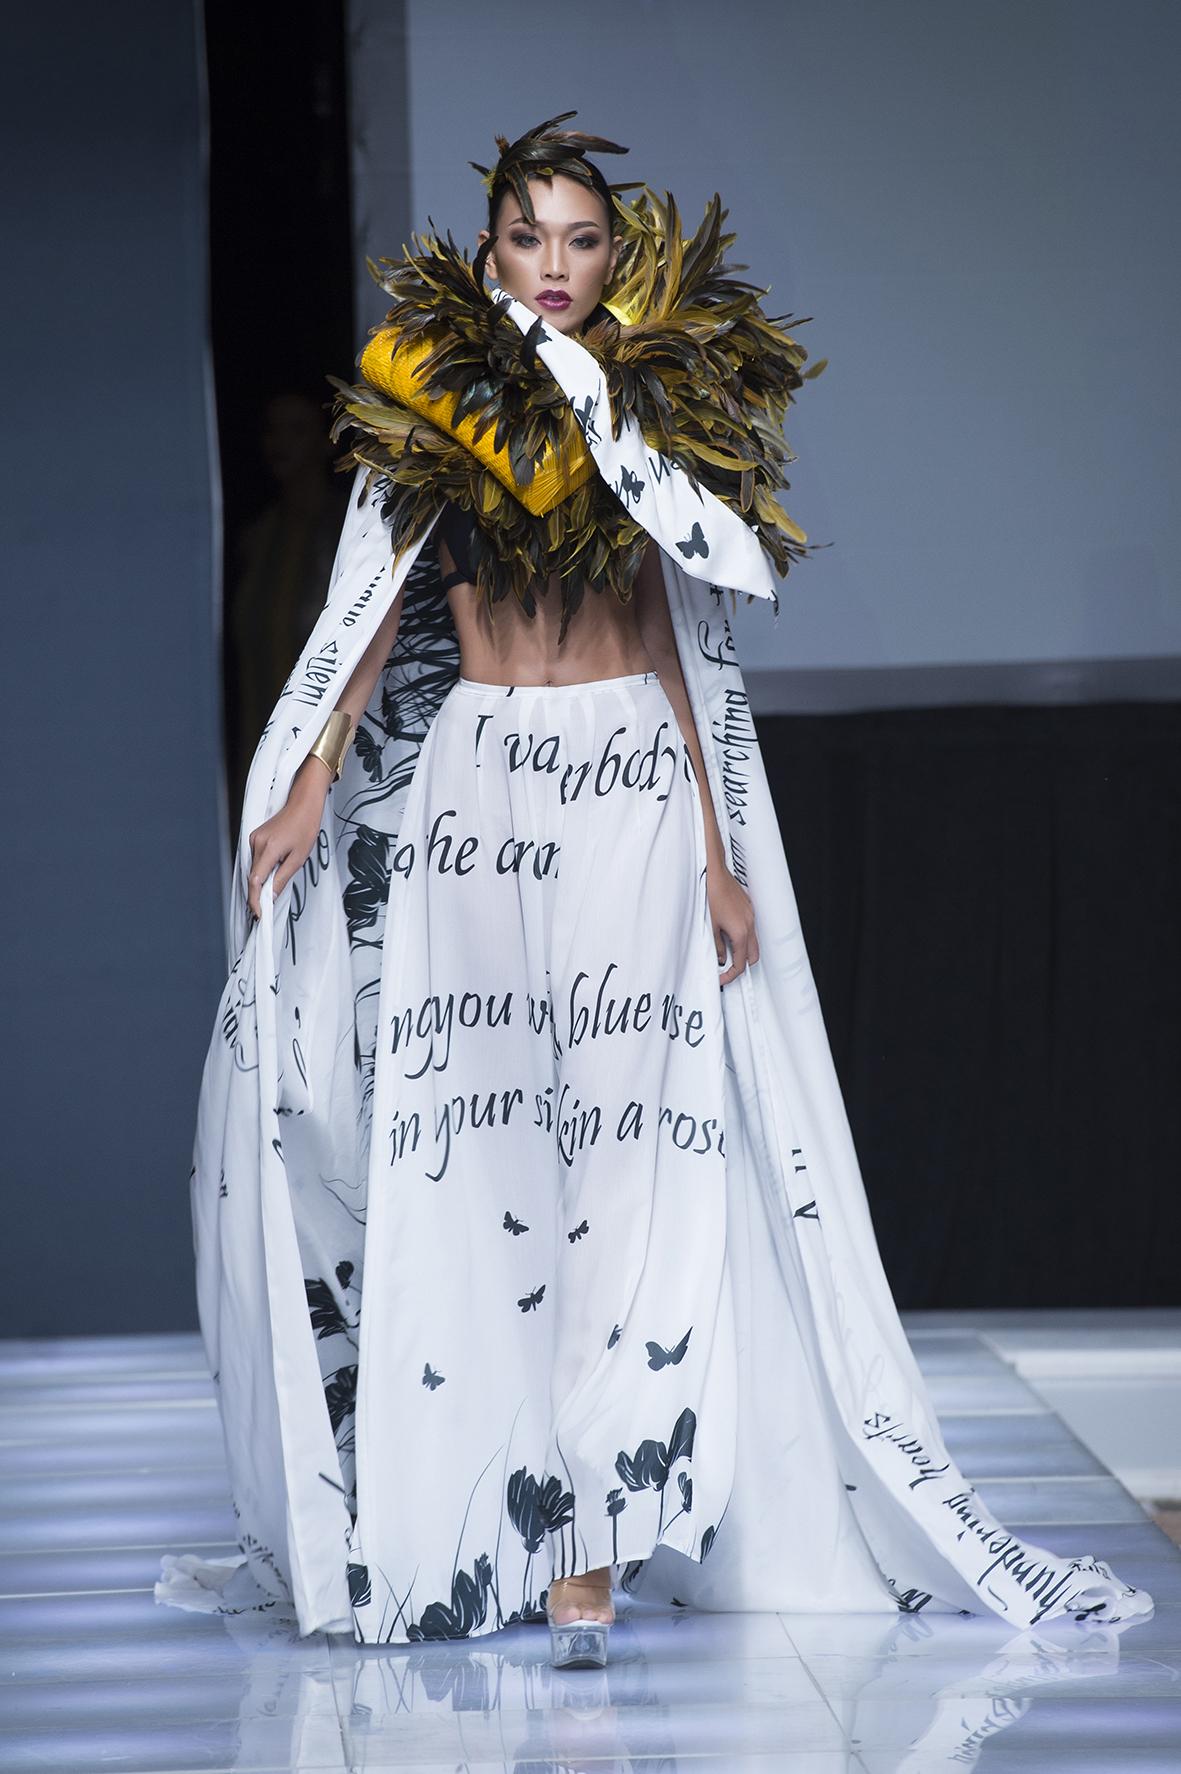 Ngọc Tình - Diệu Huyền bất ngờ được chọn làm vơ đét ở tuần lễ Couture New York Fashion 3